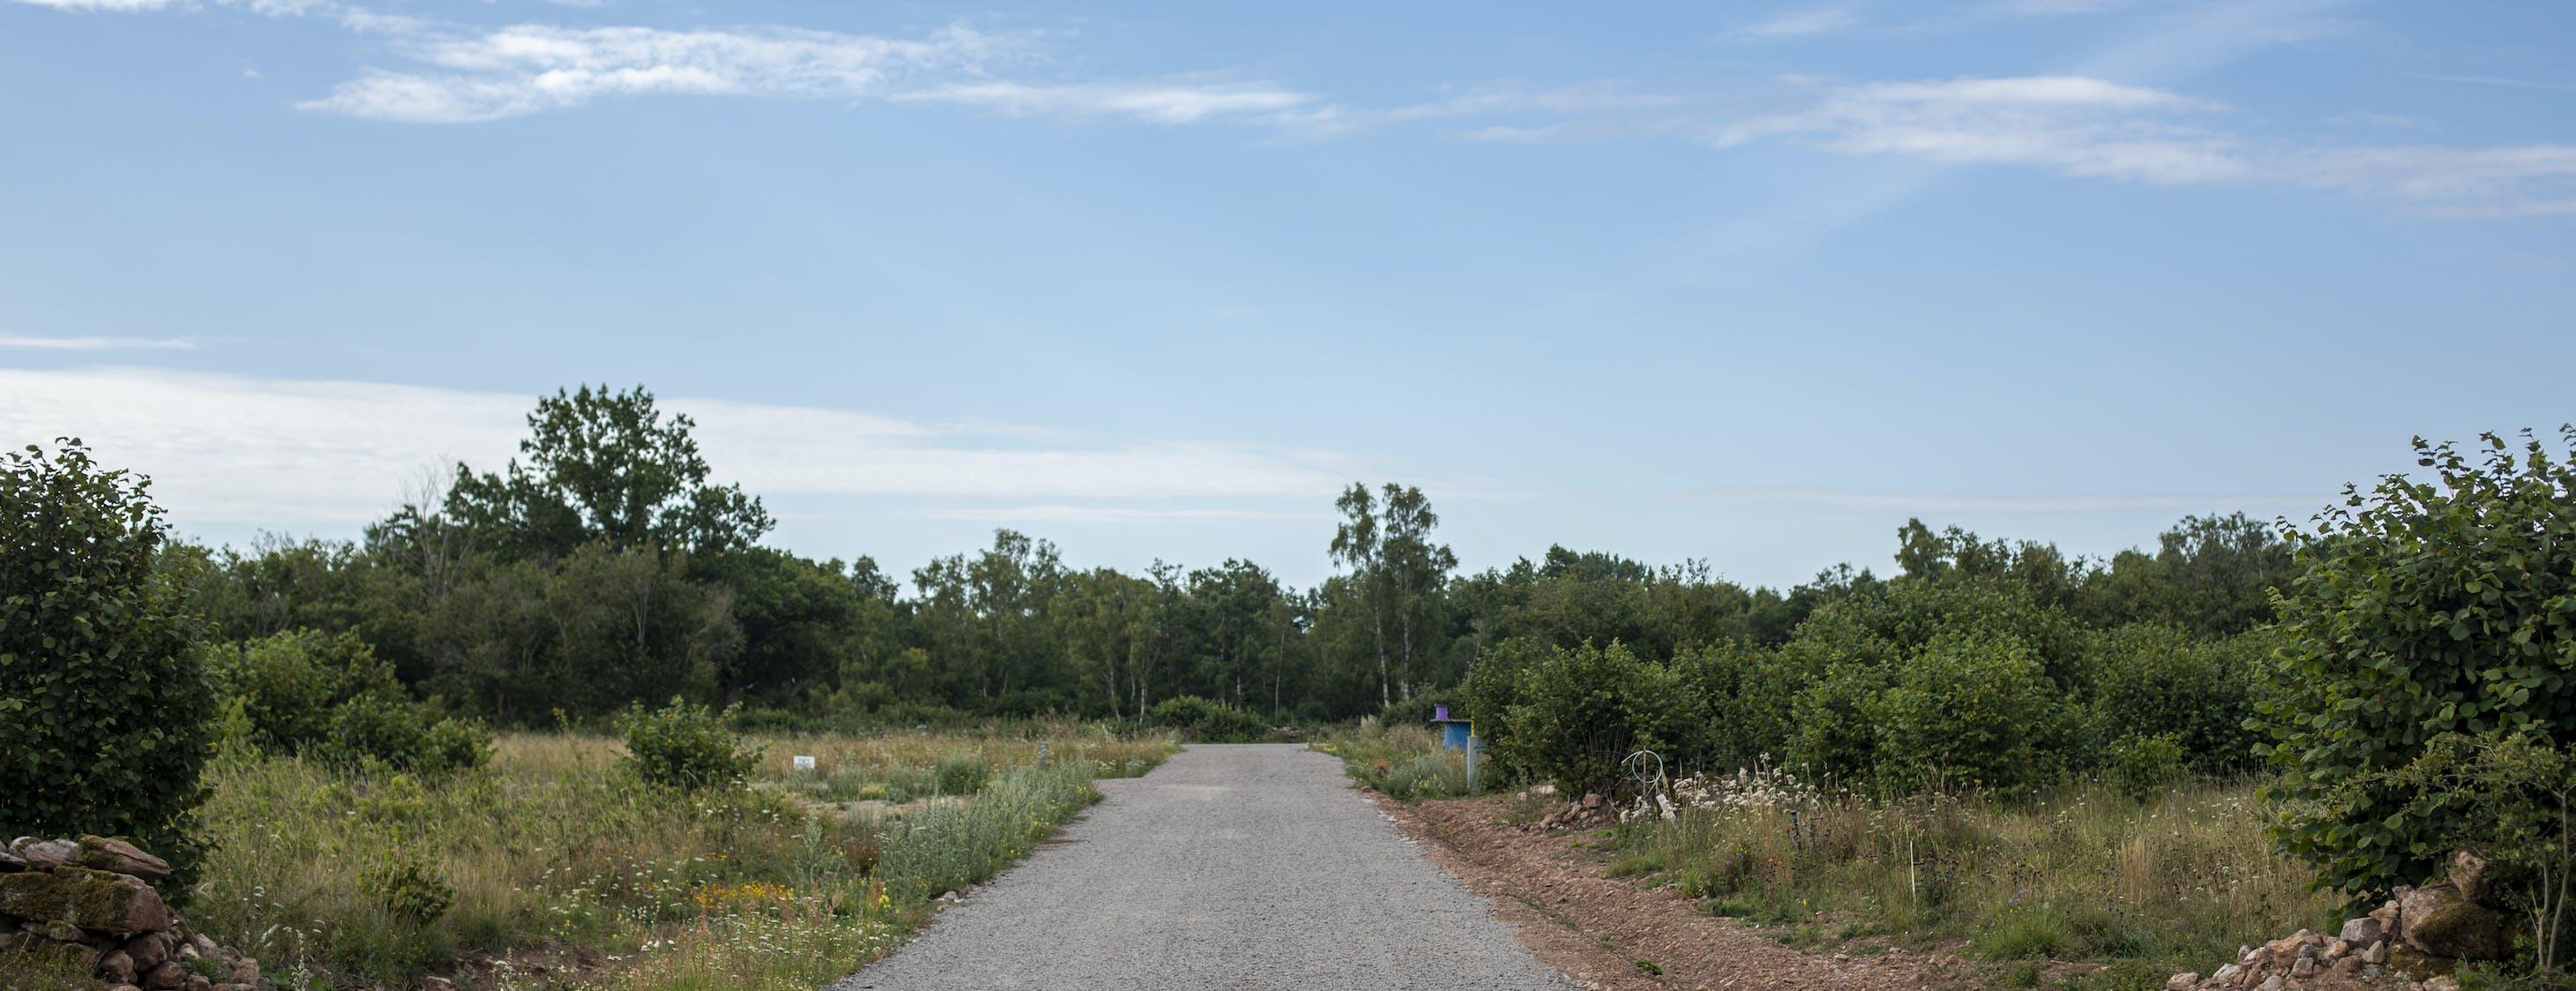 Trutvägen 8 Tveta